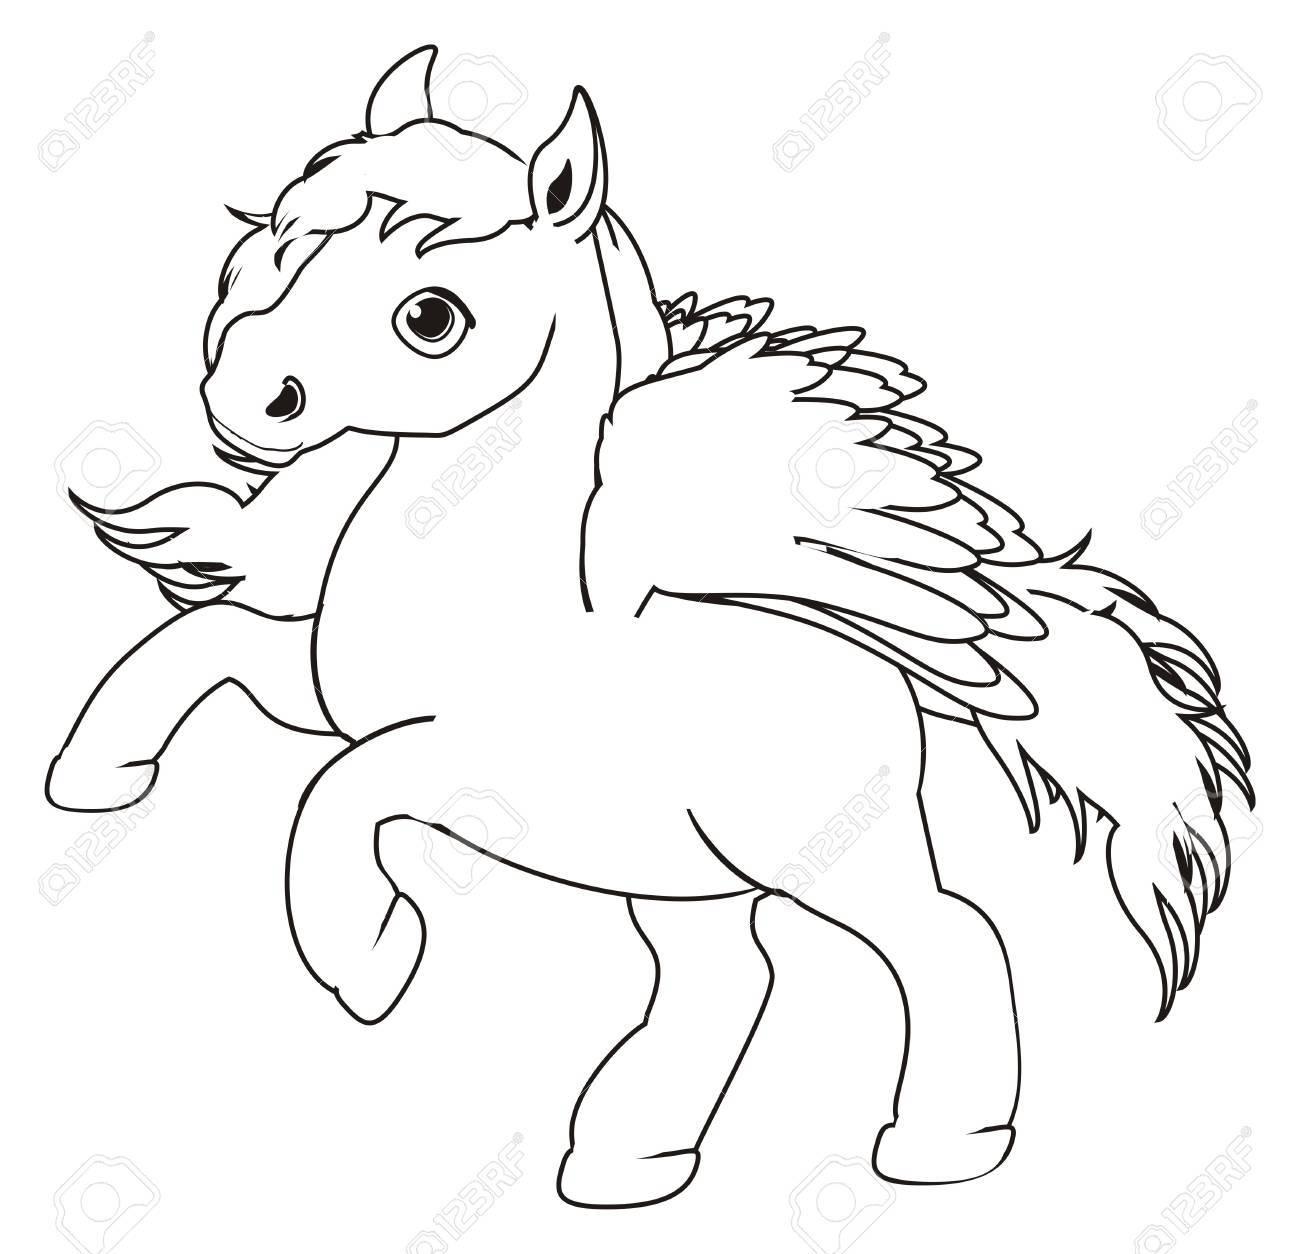 Süße Pegasus Färben Lizenzfreie Fotos, Bilder Und Stock Fotografie ...